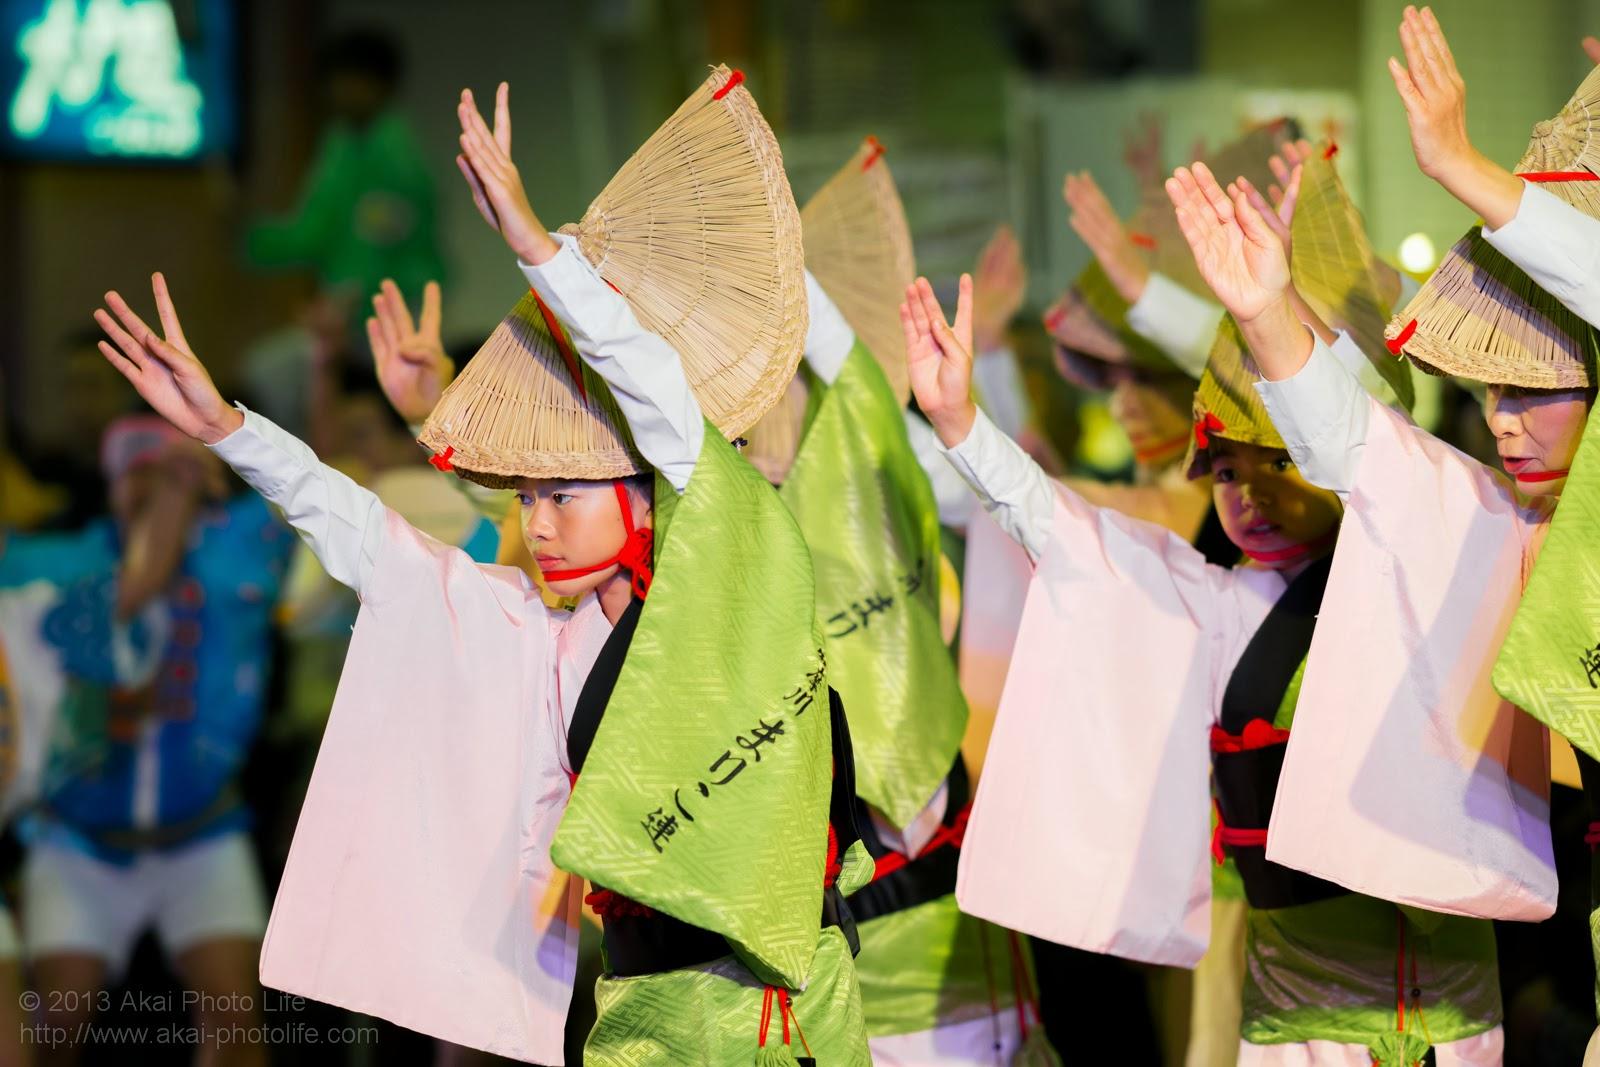 かわさき阿波おどり、多摩川丸子連、女踊り